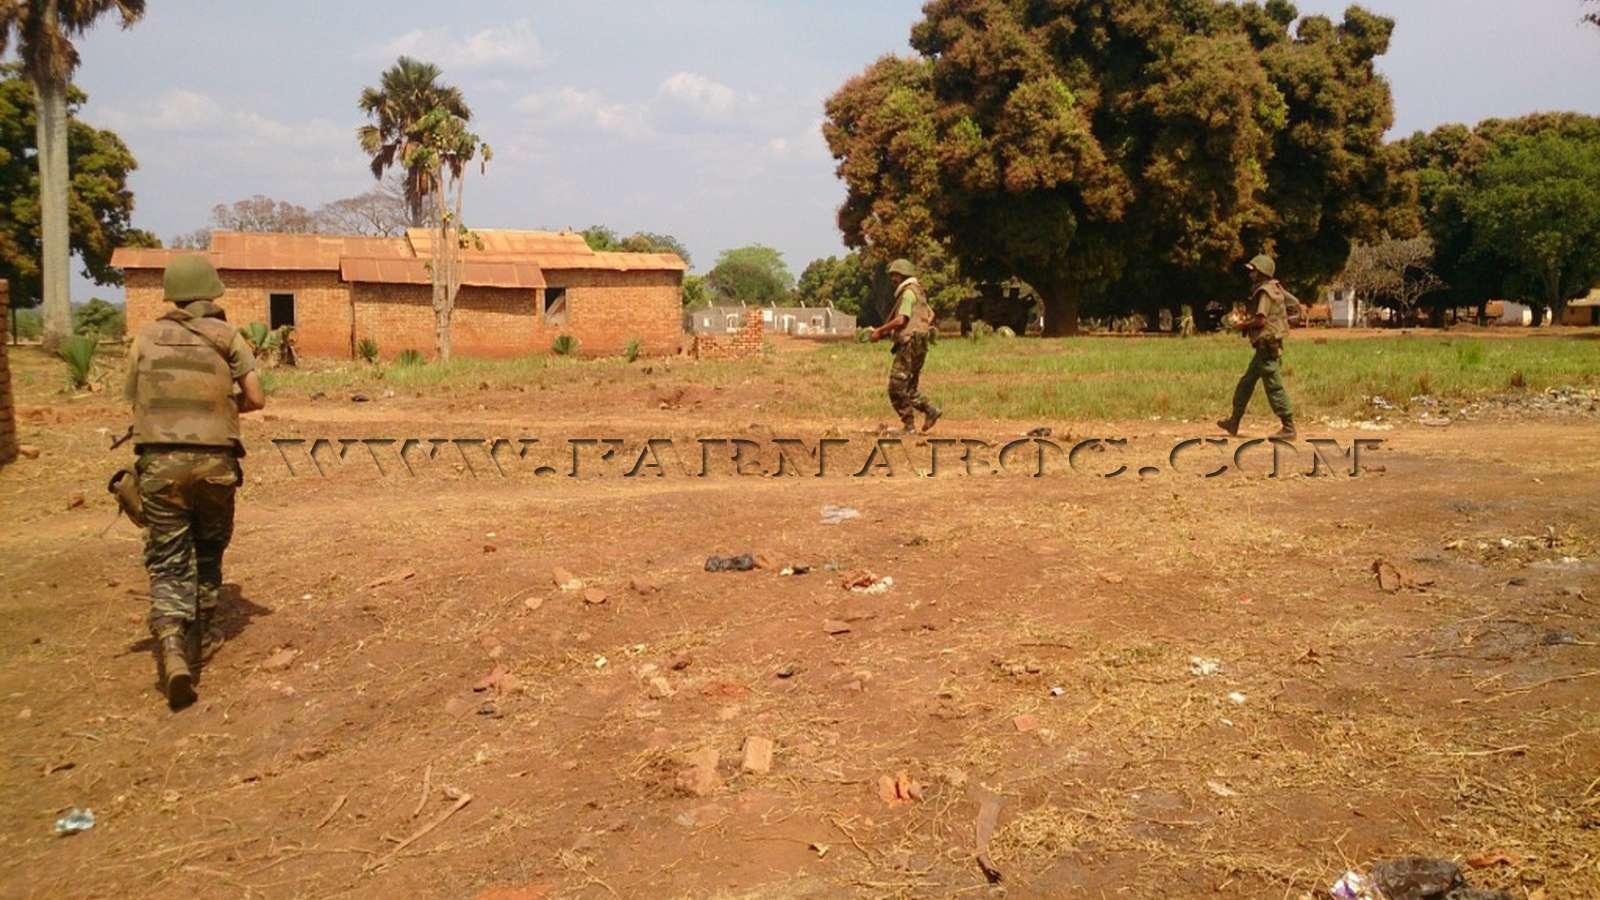 Maintien de la paix dans le monde - Les FAR en République Centrafricaine - RCA (MINUSCA) 11_00010